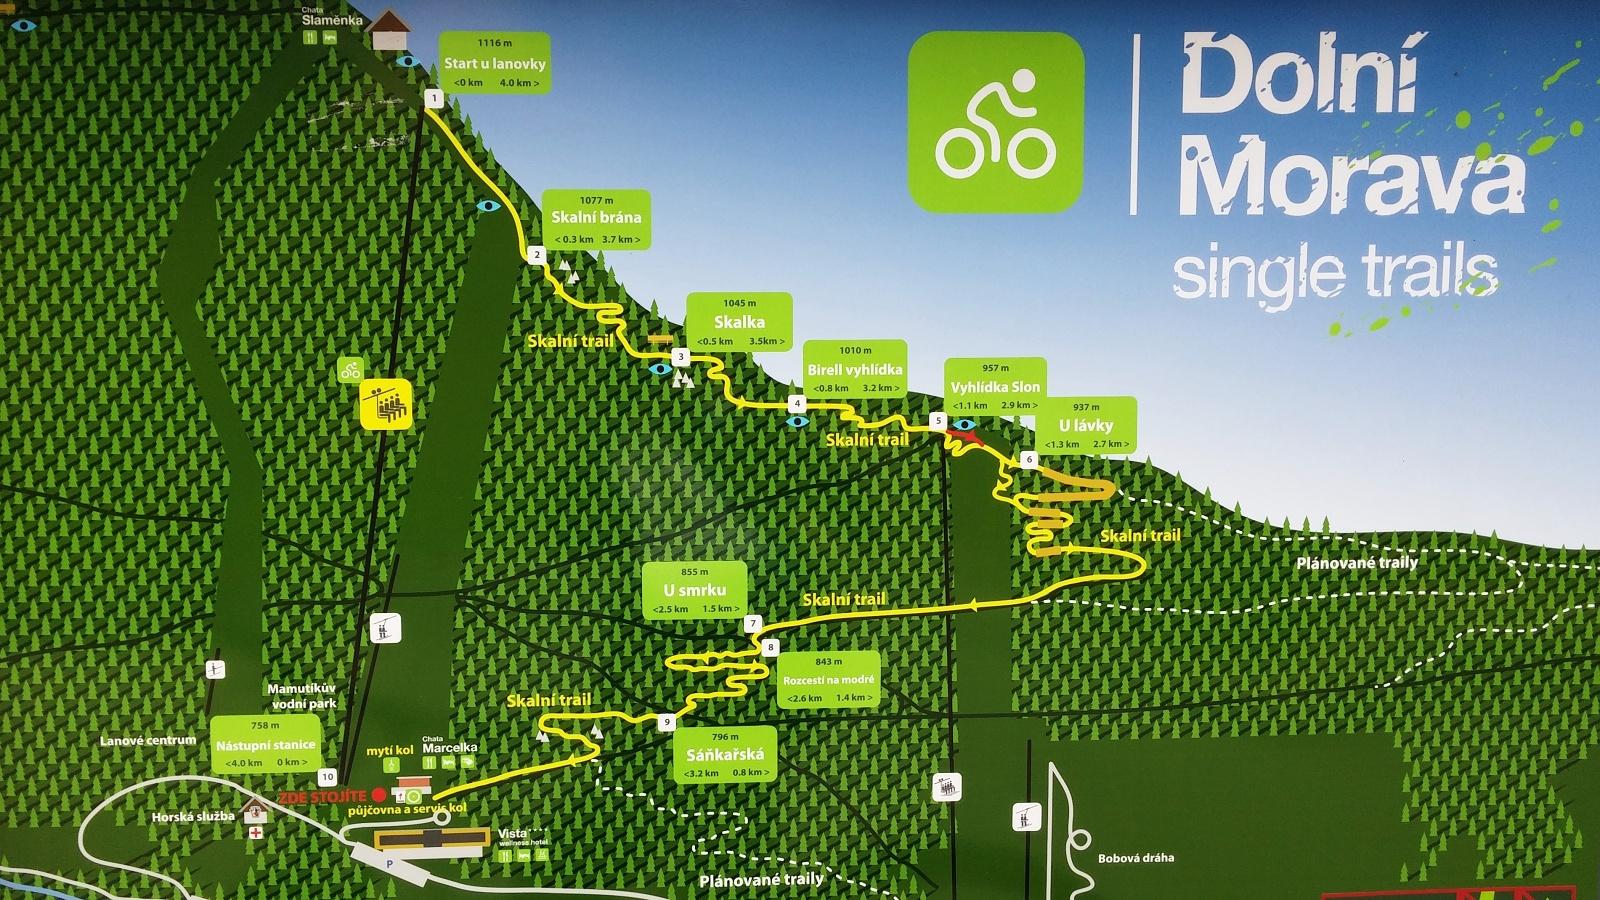 Mapa trailů je zatím poměrně chudá. Stěžejní skalní trail však stojí za to.